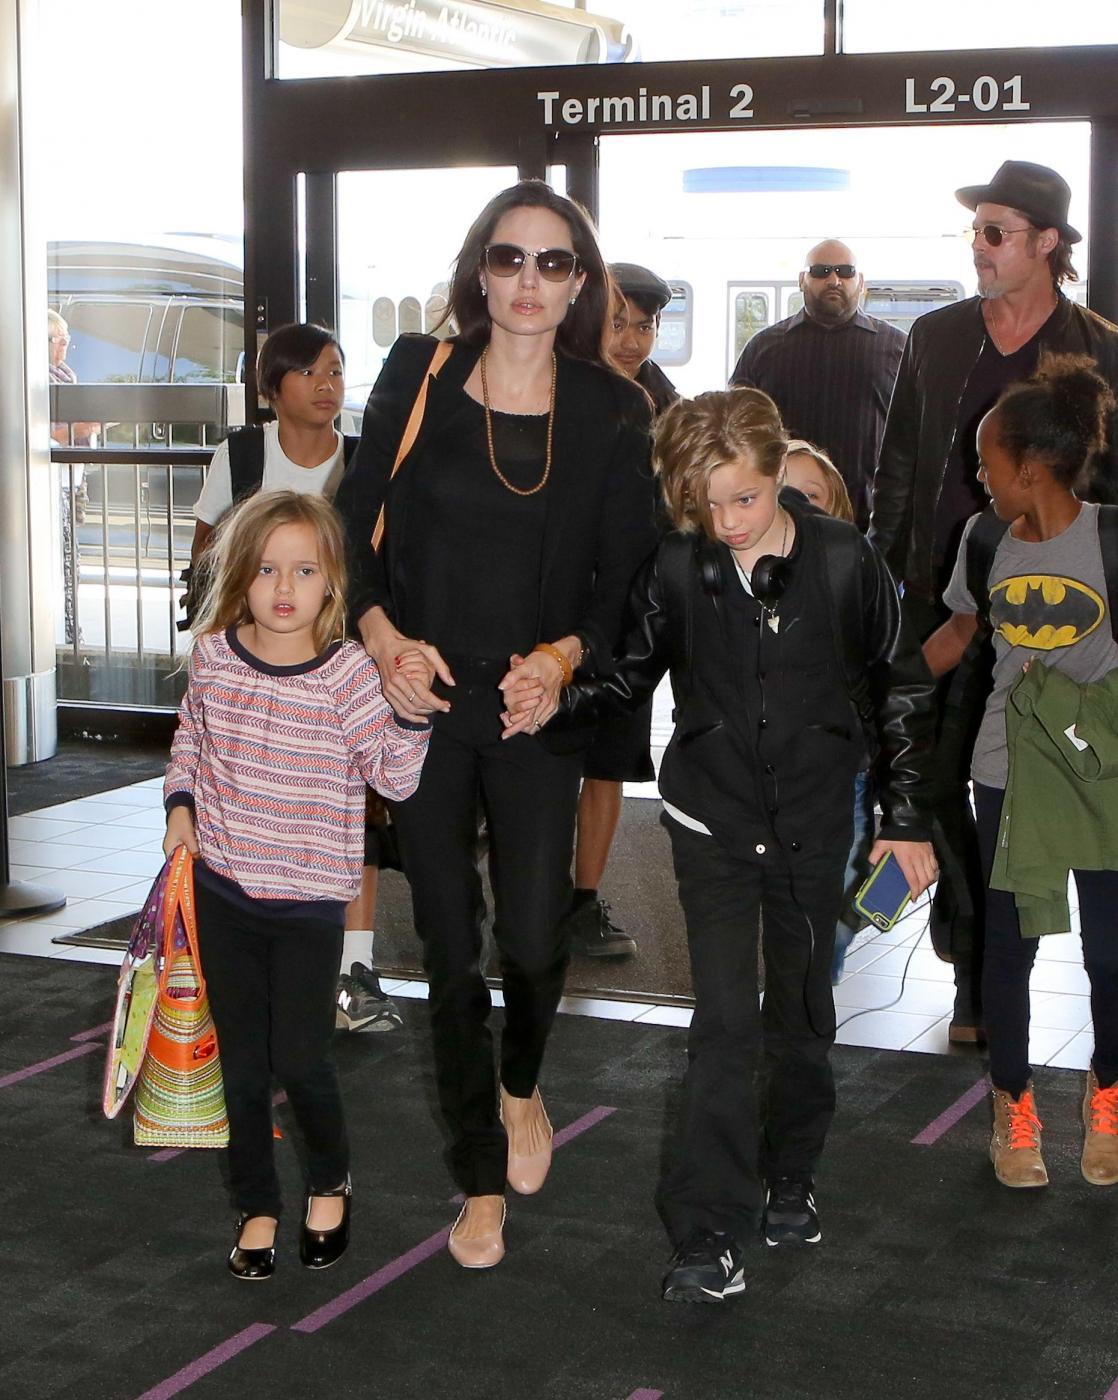 Angelina Jolie e Brad Pitt all'aeroporto con i figli FOTO 3